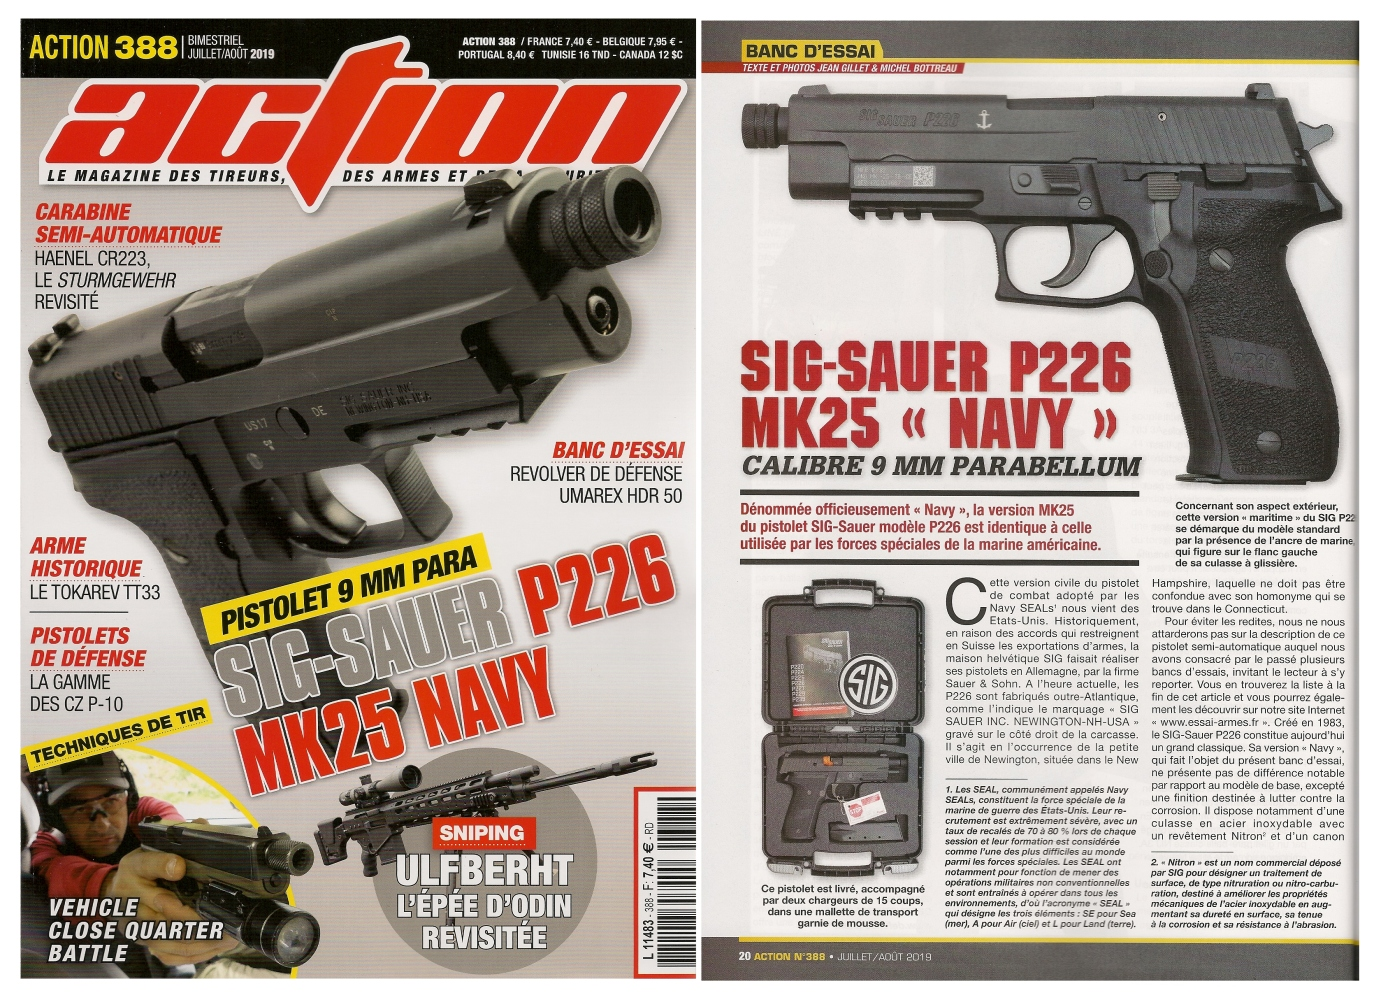 Le banc d'essai du pistolet SIG-Sauer P226 Mk25 Navy a été publié sur 6 pages dans le magazine Action n°388 (juillet/août 2019).